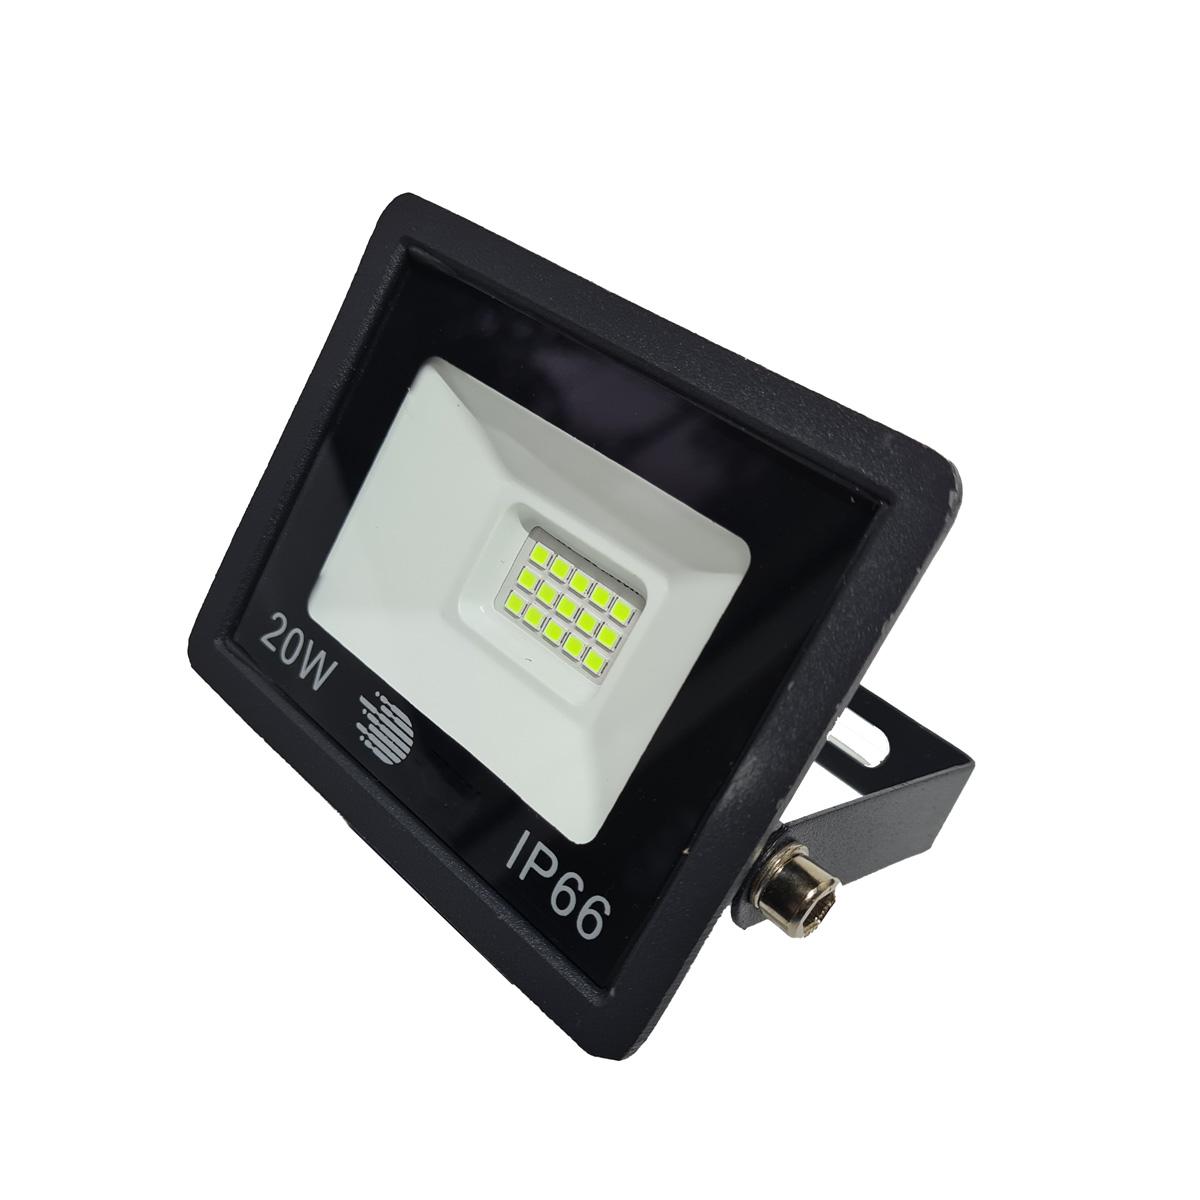 Refletor LED 20W SMD Holofote Iluminação Externa Bivolt IP66 Luz Verde